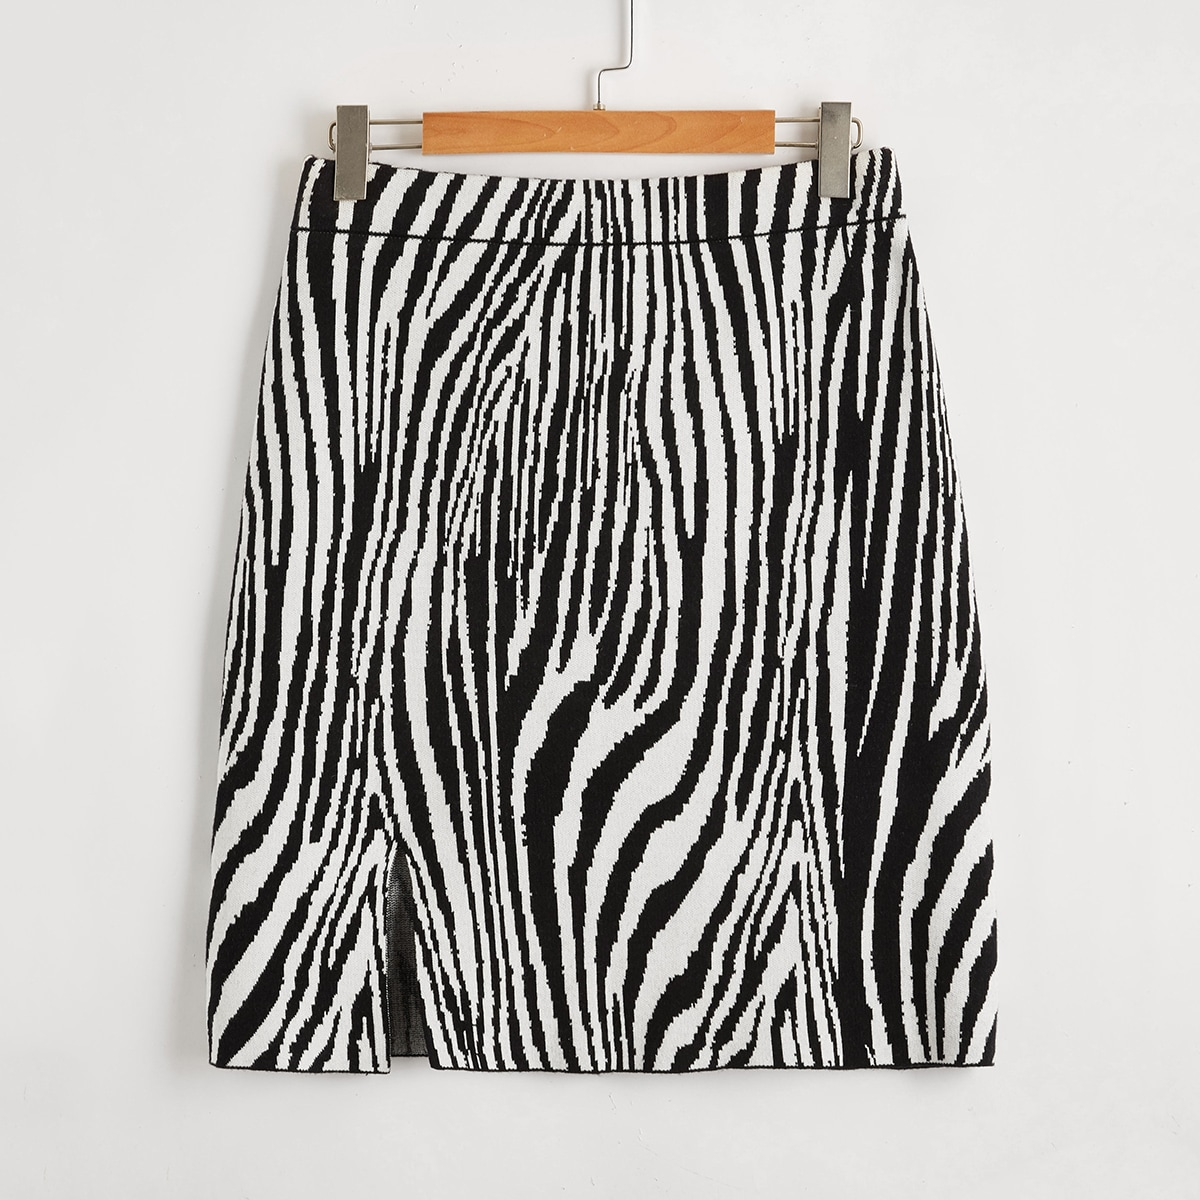 Разрез зебра-полосатый принт повседневный трикотажные юбки размер плюс